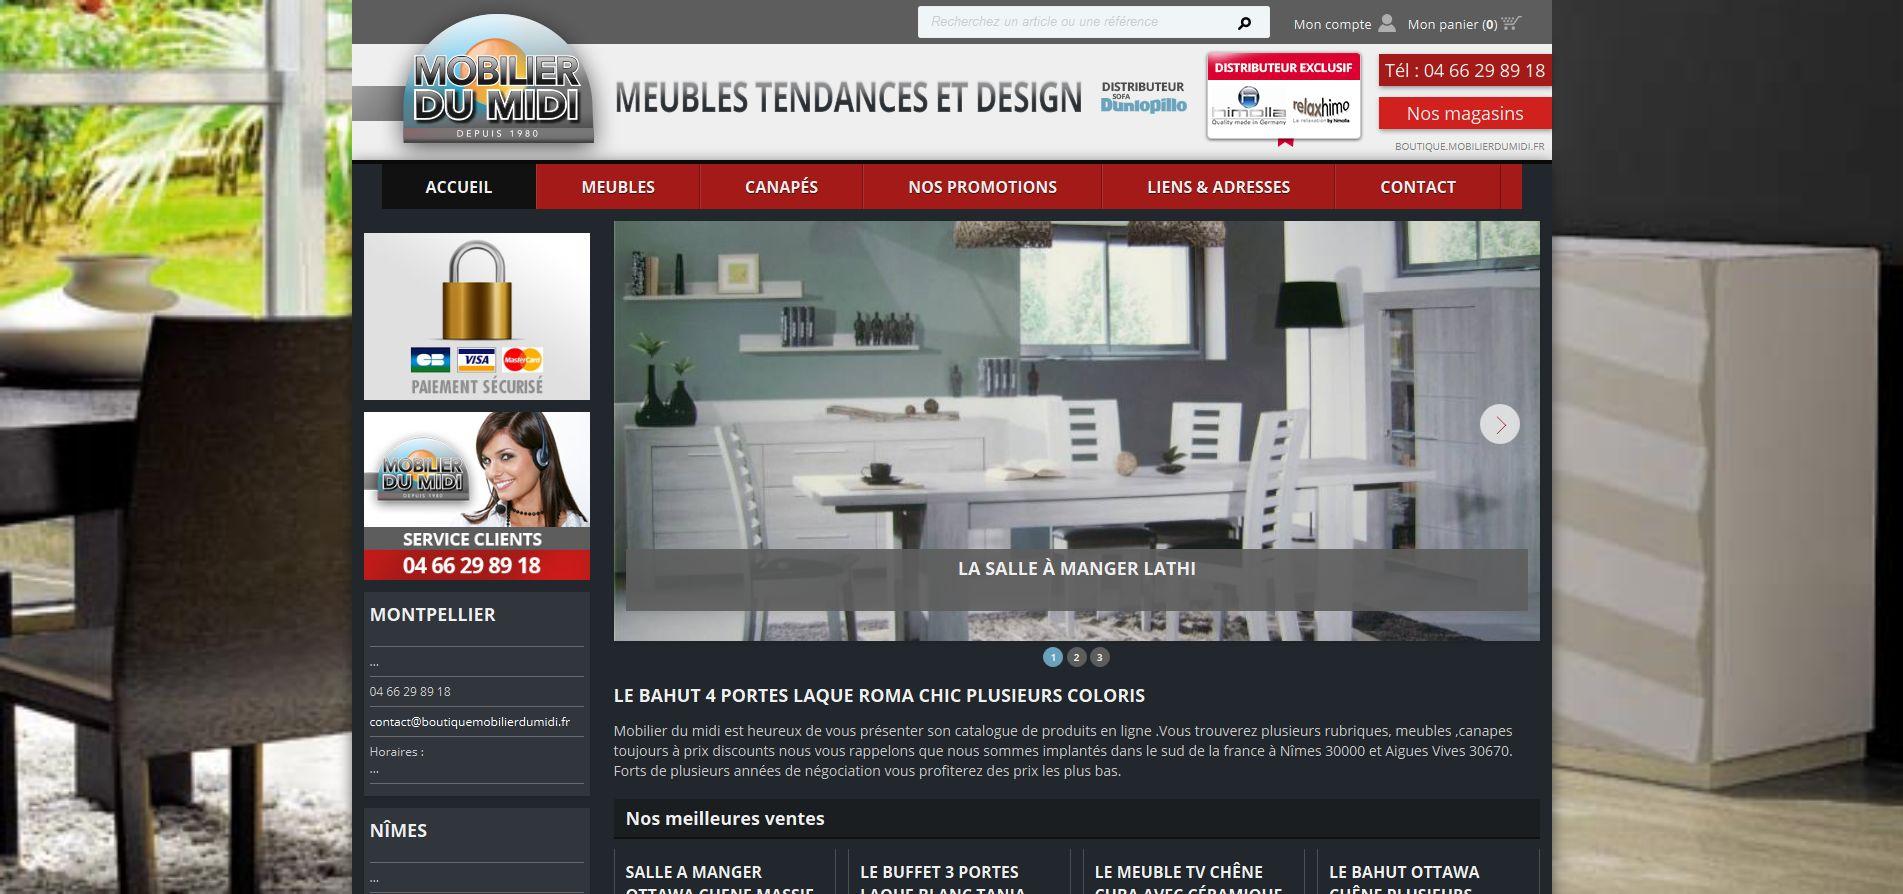 Vente en ligne de meubles bas prix mobilier du midi - Mobilier vente en ligne ...